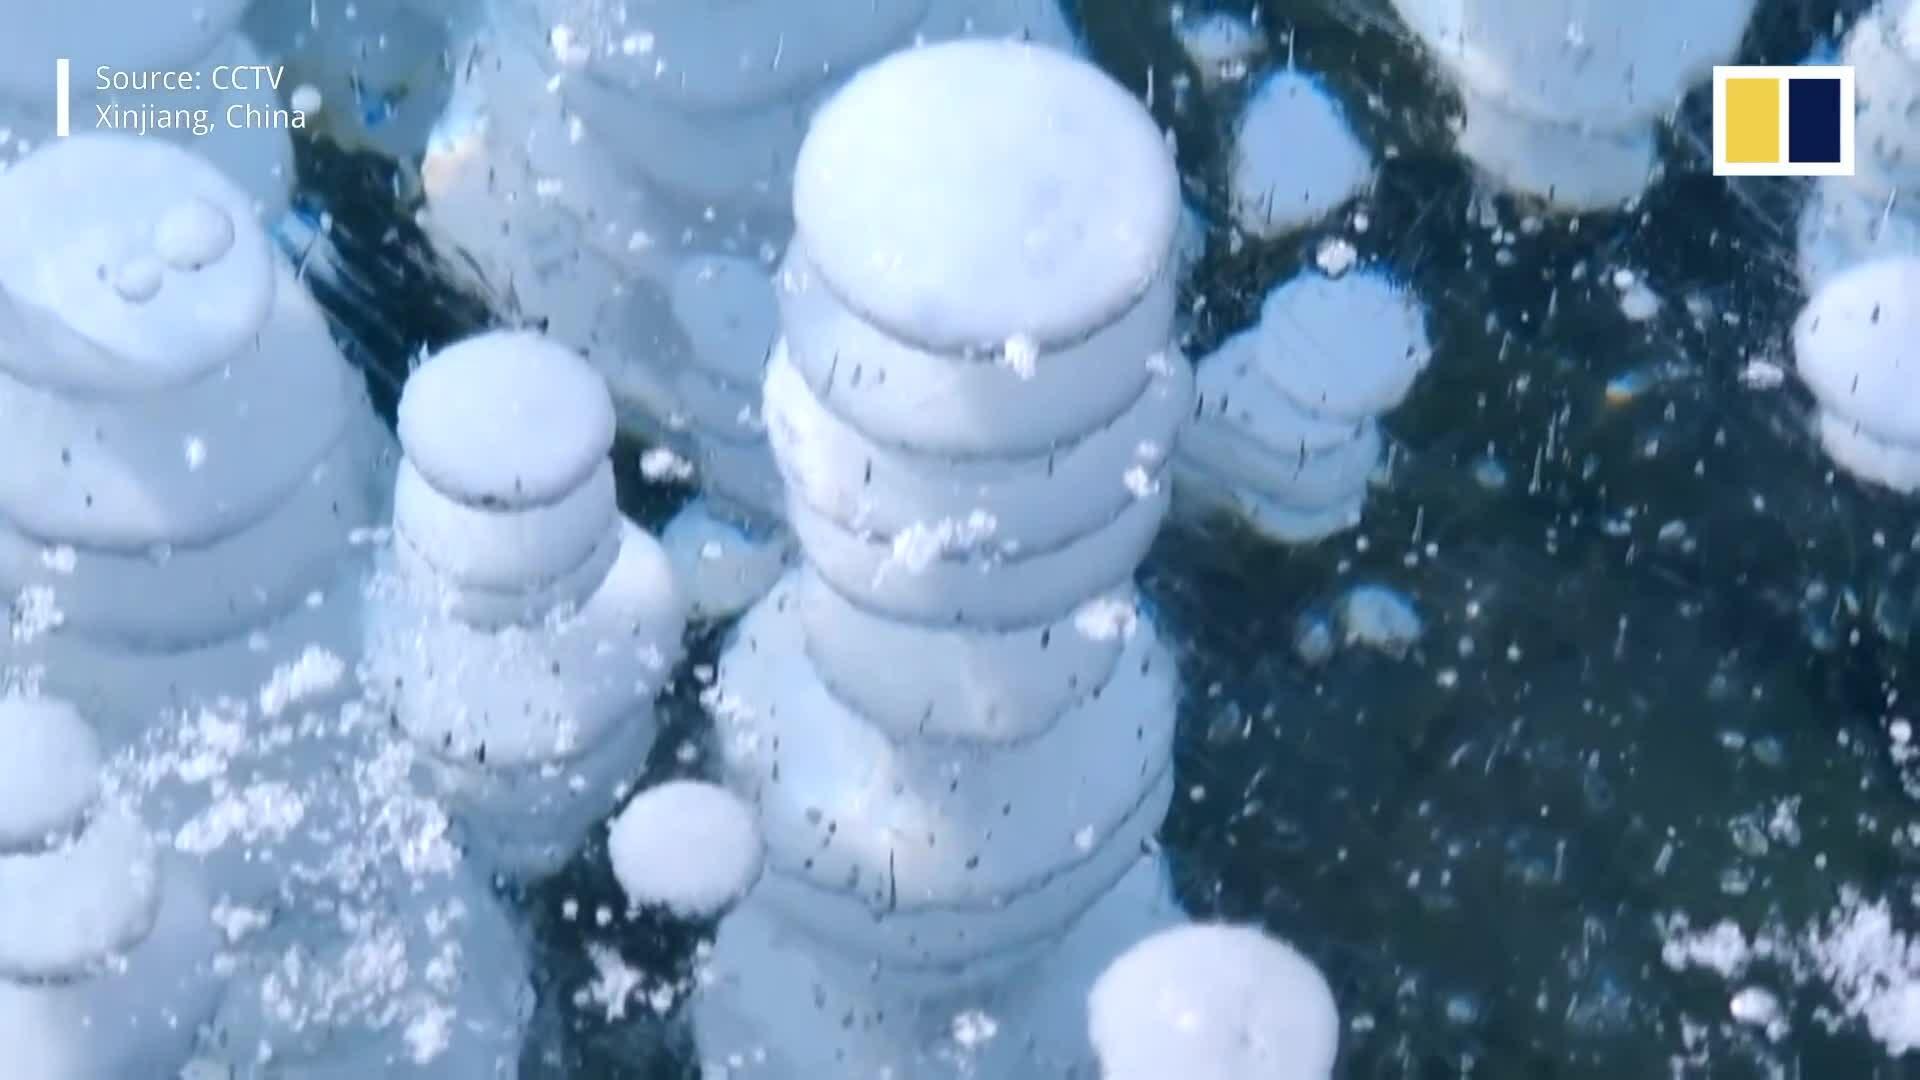 Hồ băng nổi bong bóng hút khách chụp ảnh